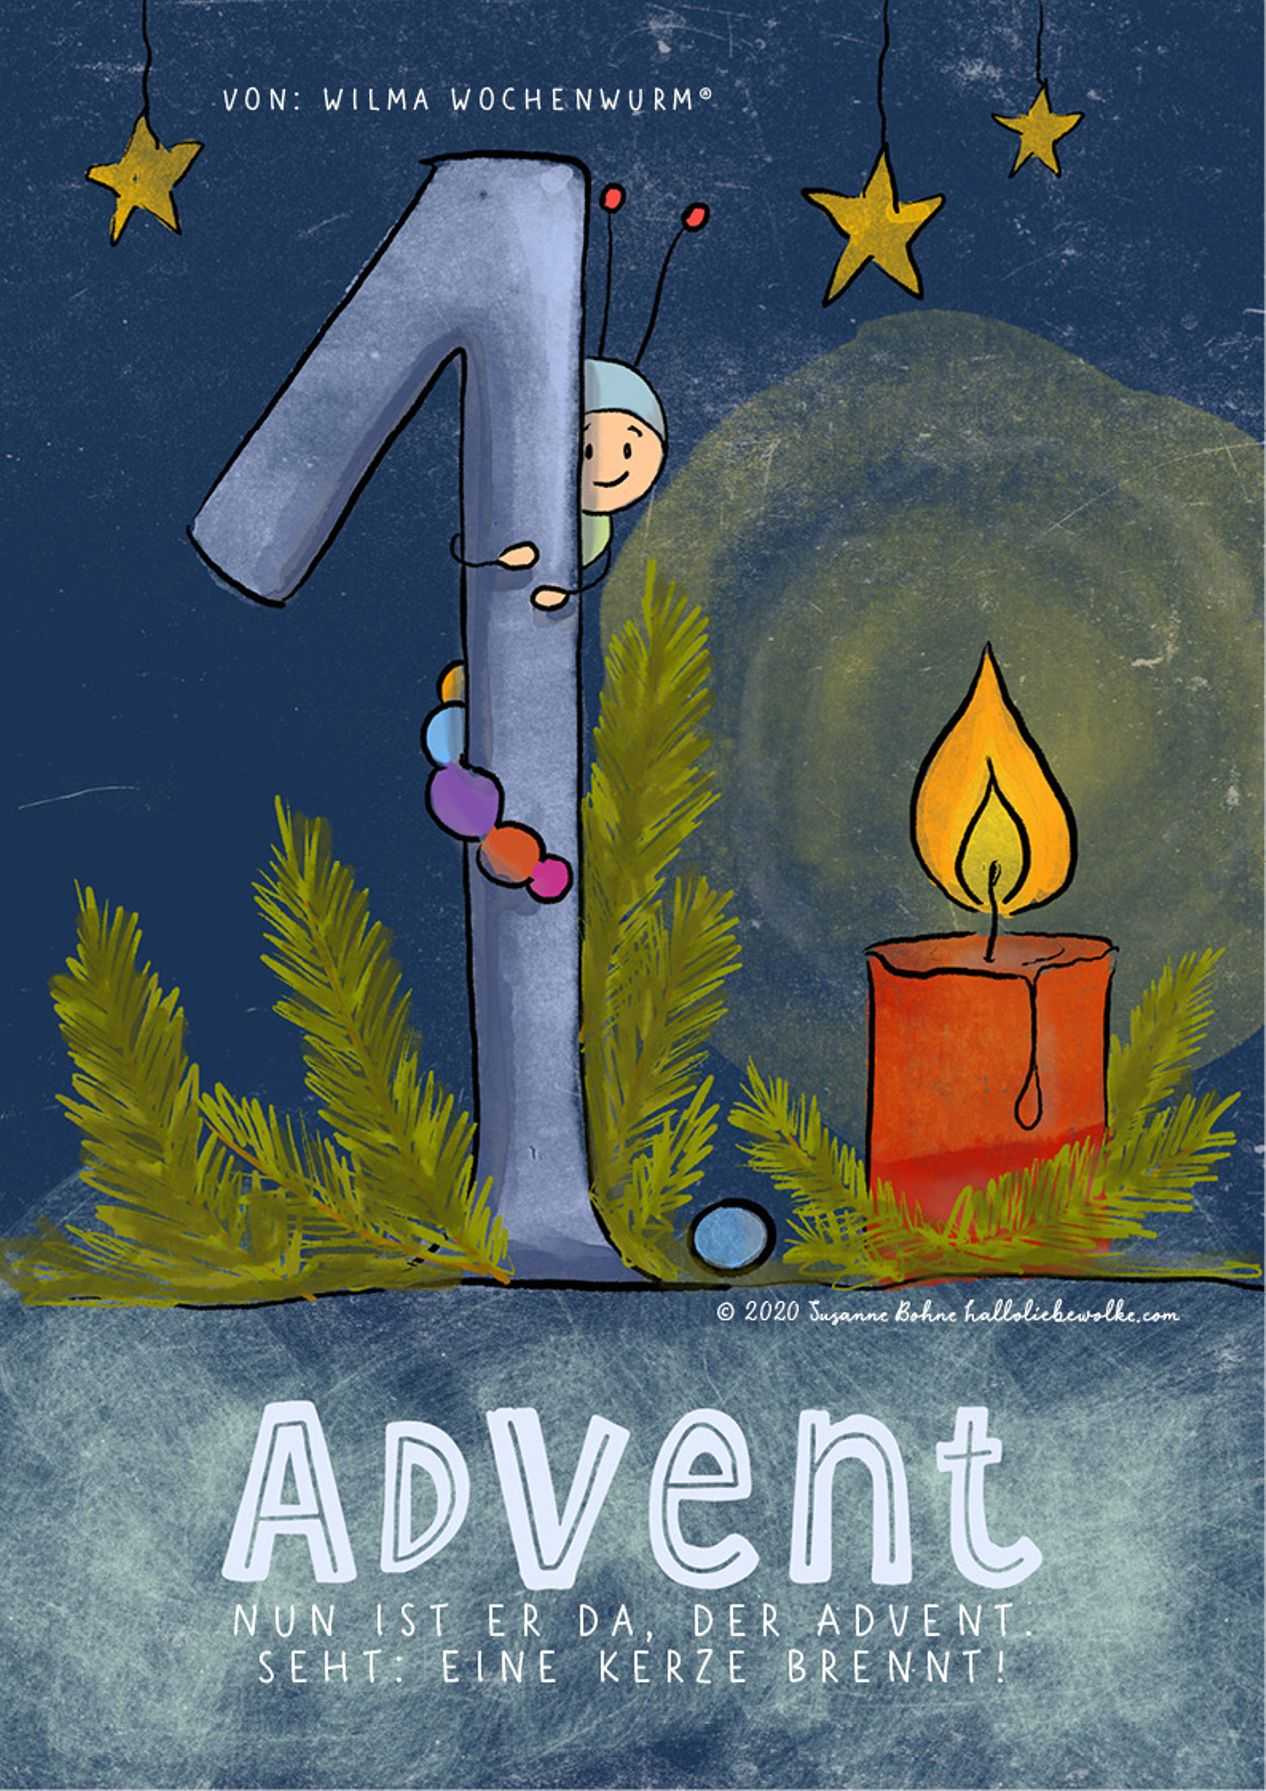 Ausmalbilder Advent Malvorlagen An Weihnachten Von Wilma Wochenwurm Unterrichtsmaterial In Den Fachern Fachubergreifendes Kunst